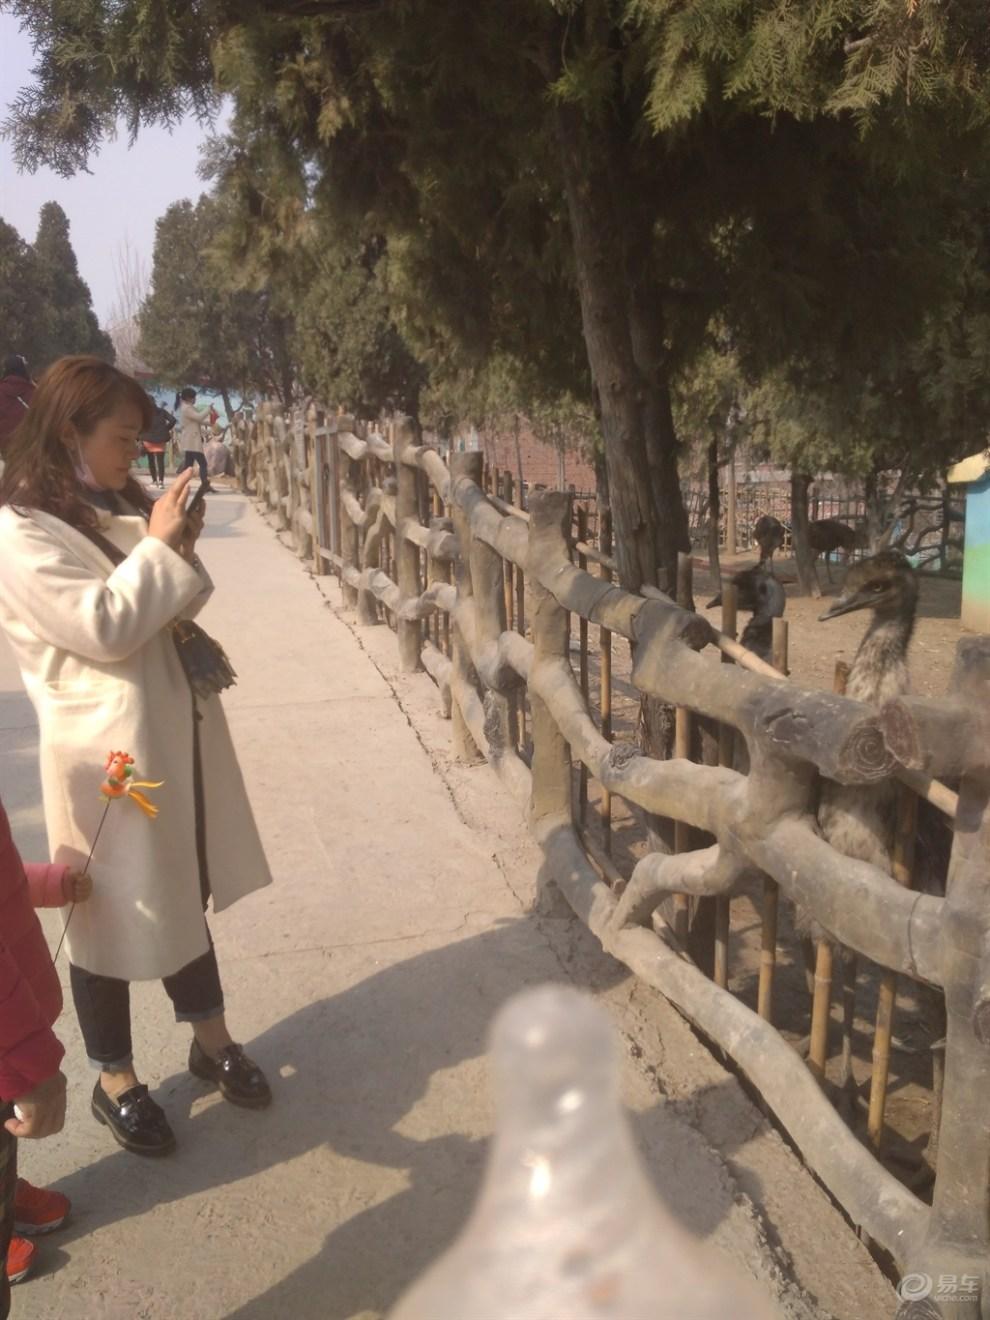 【五龙山野生动物园论坛值得一去】_河南攻略自驾游光明村游记图片